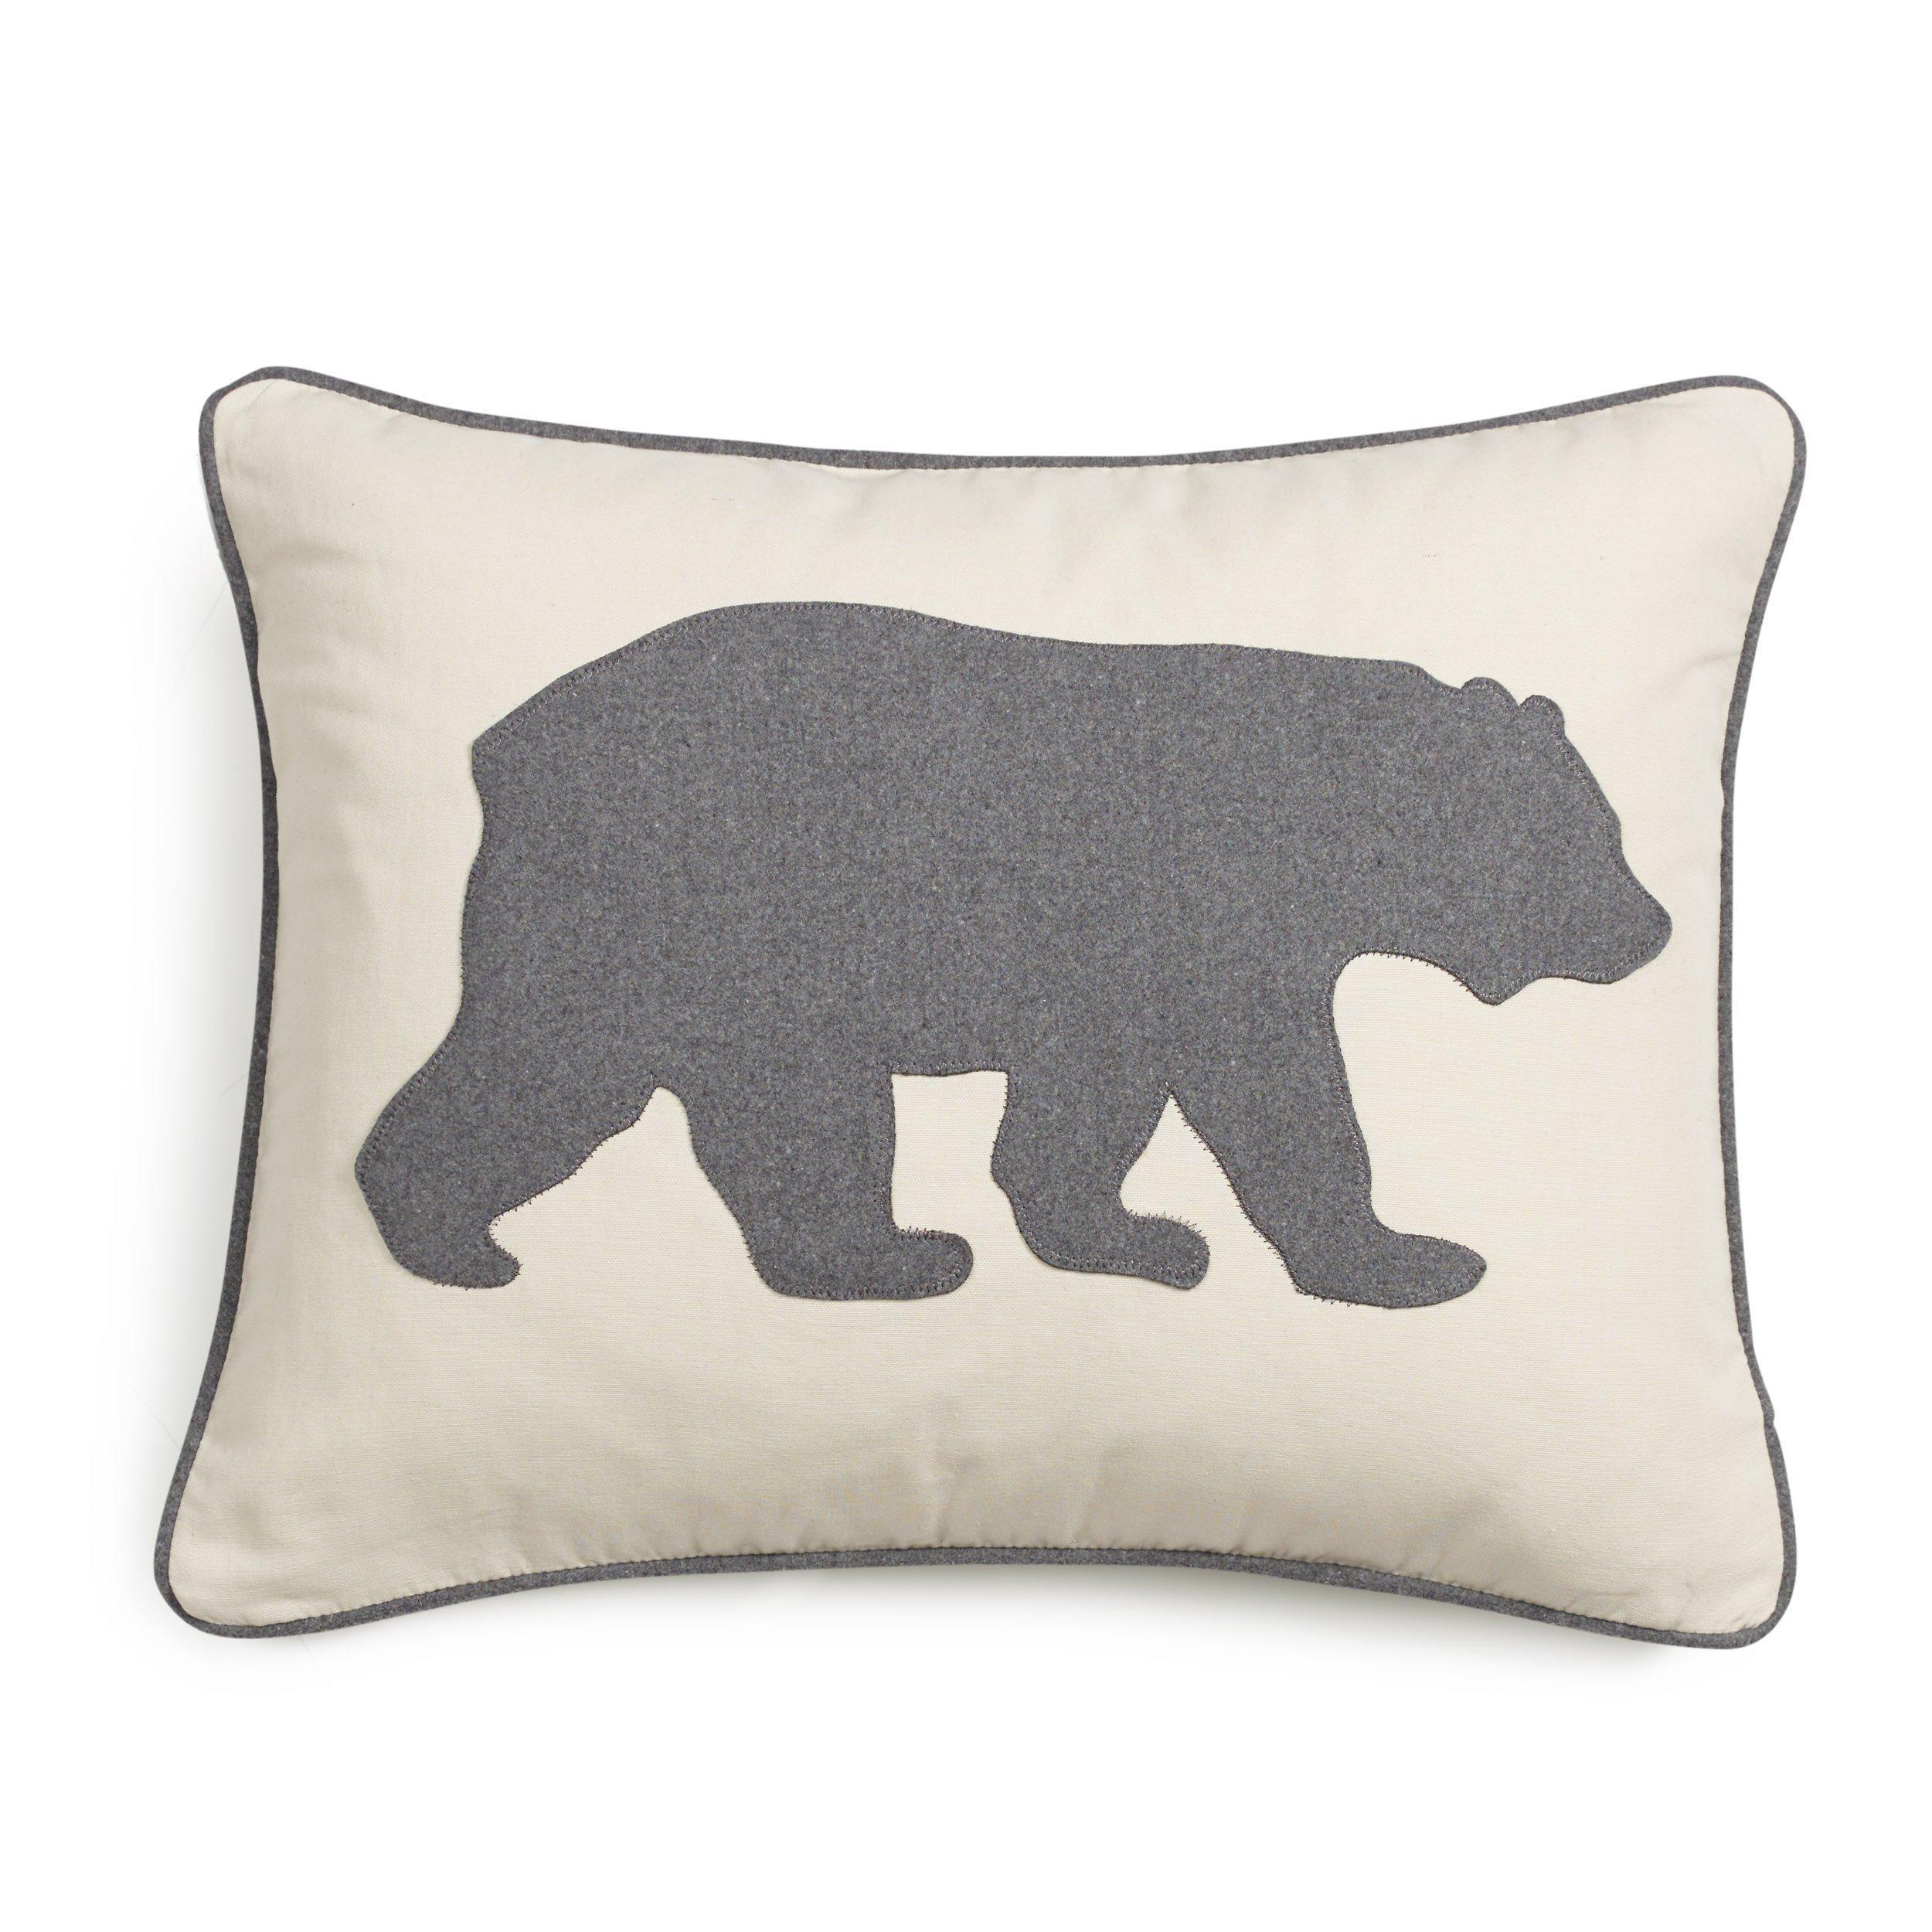 Eddie Bauer Bear Twill Decorative Pillow, Gray by Eddie Bauer